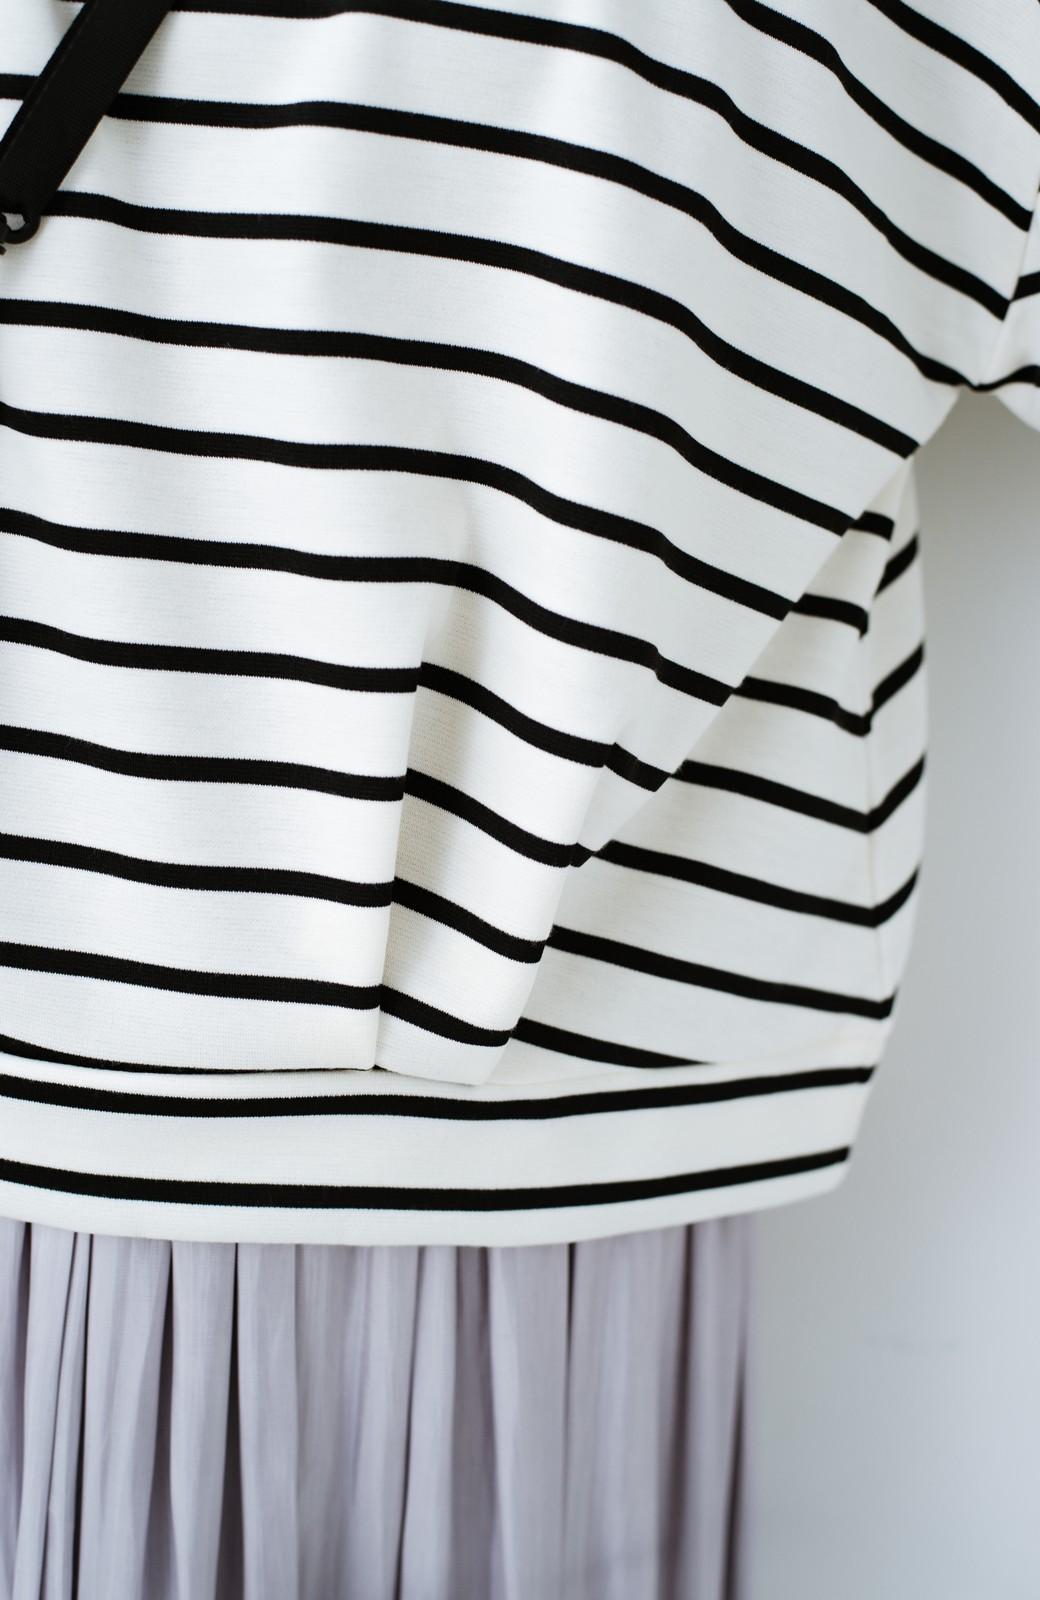 haco! ぷっくり袖ボーダートップス <ホワイト×ブラック>の商品写真5